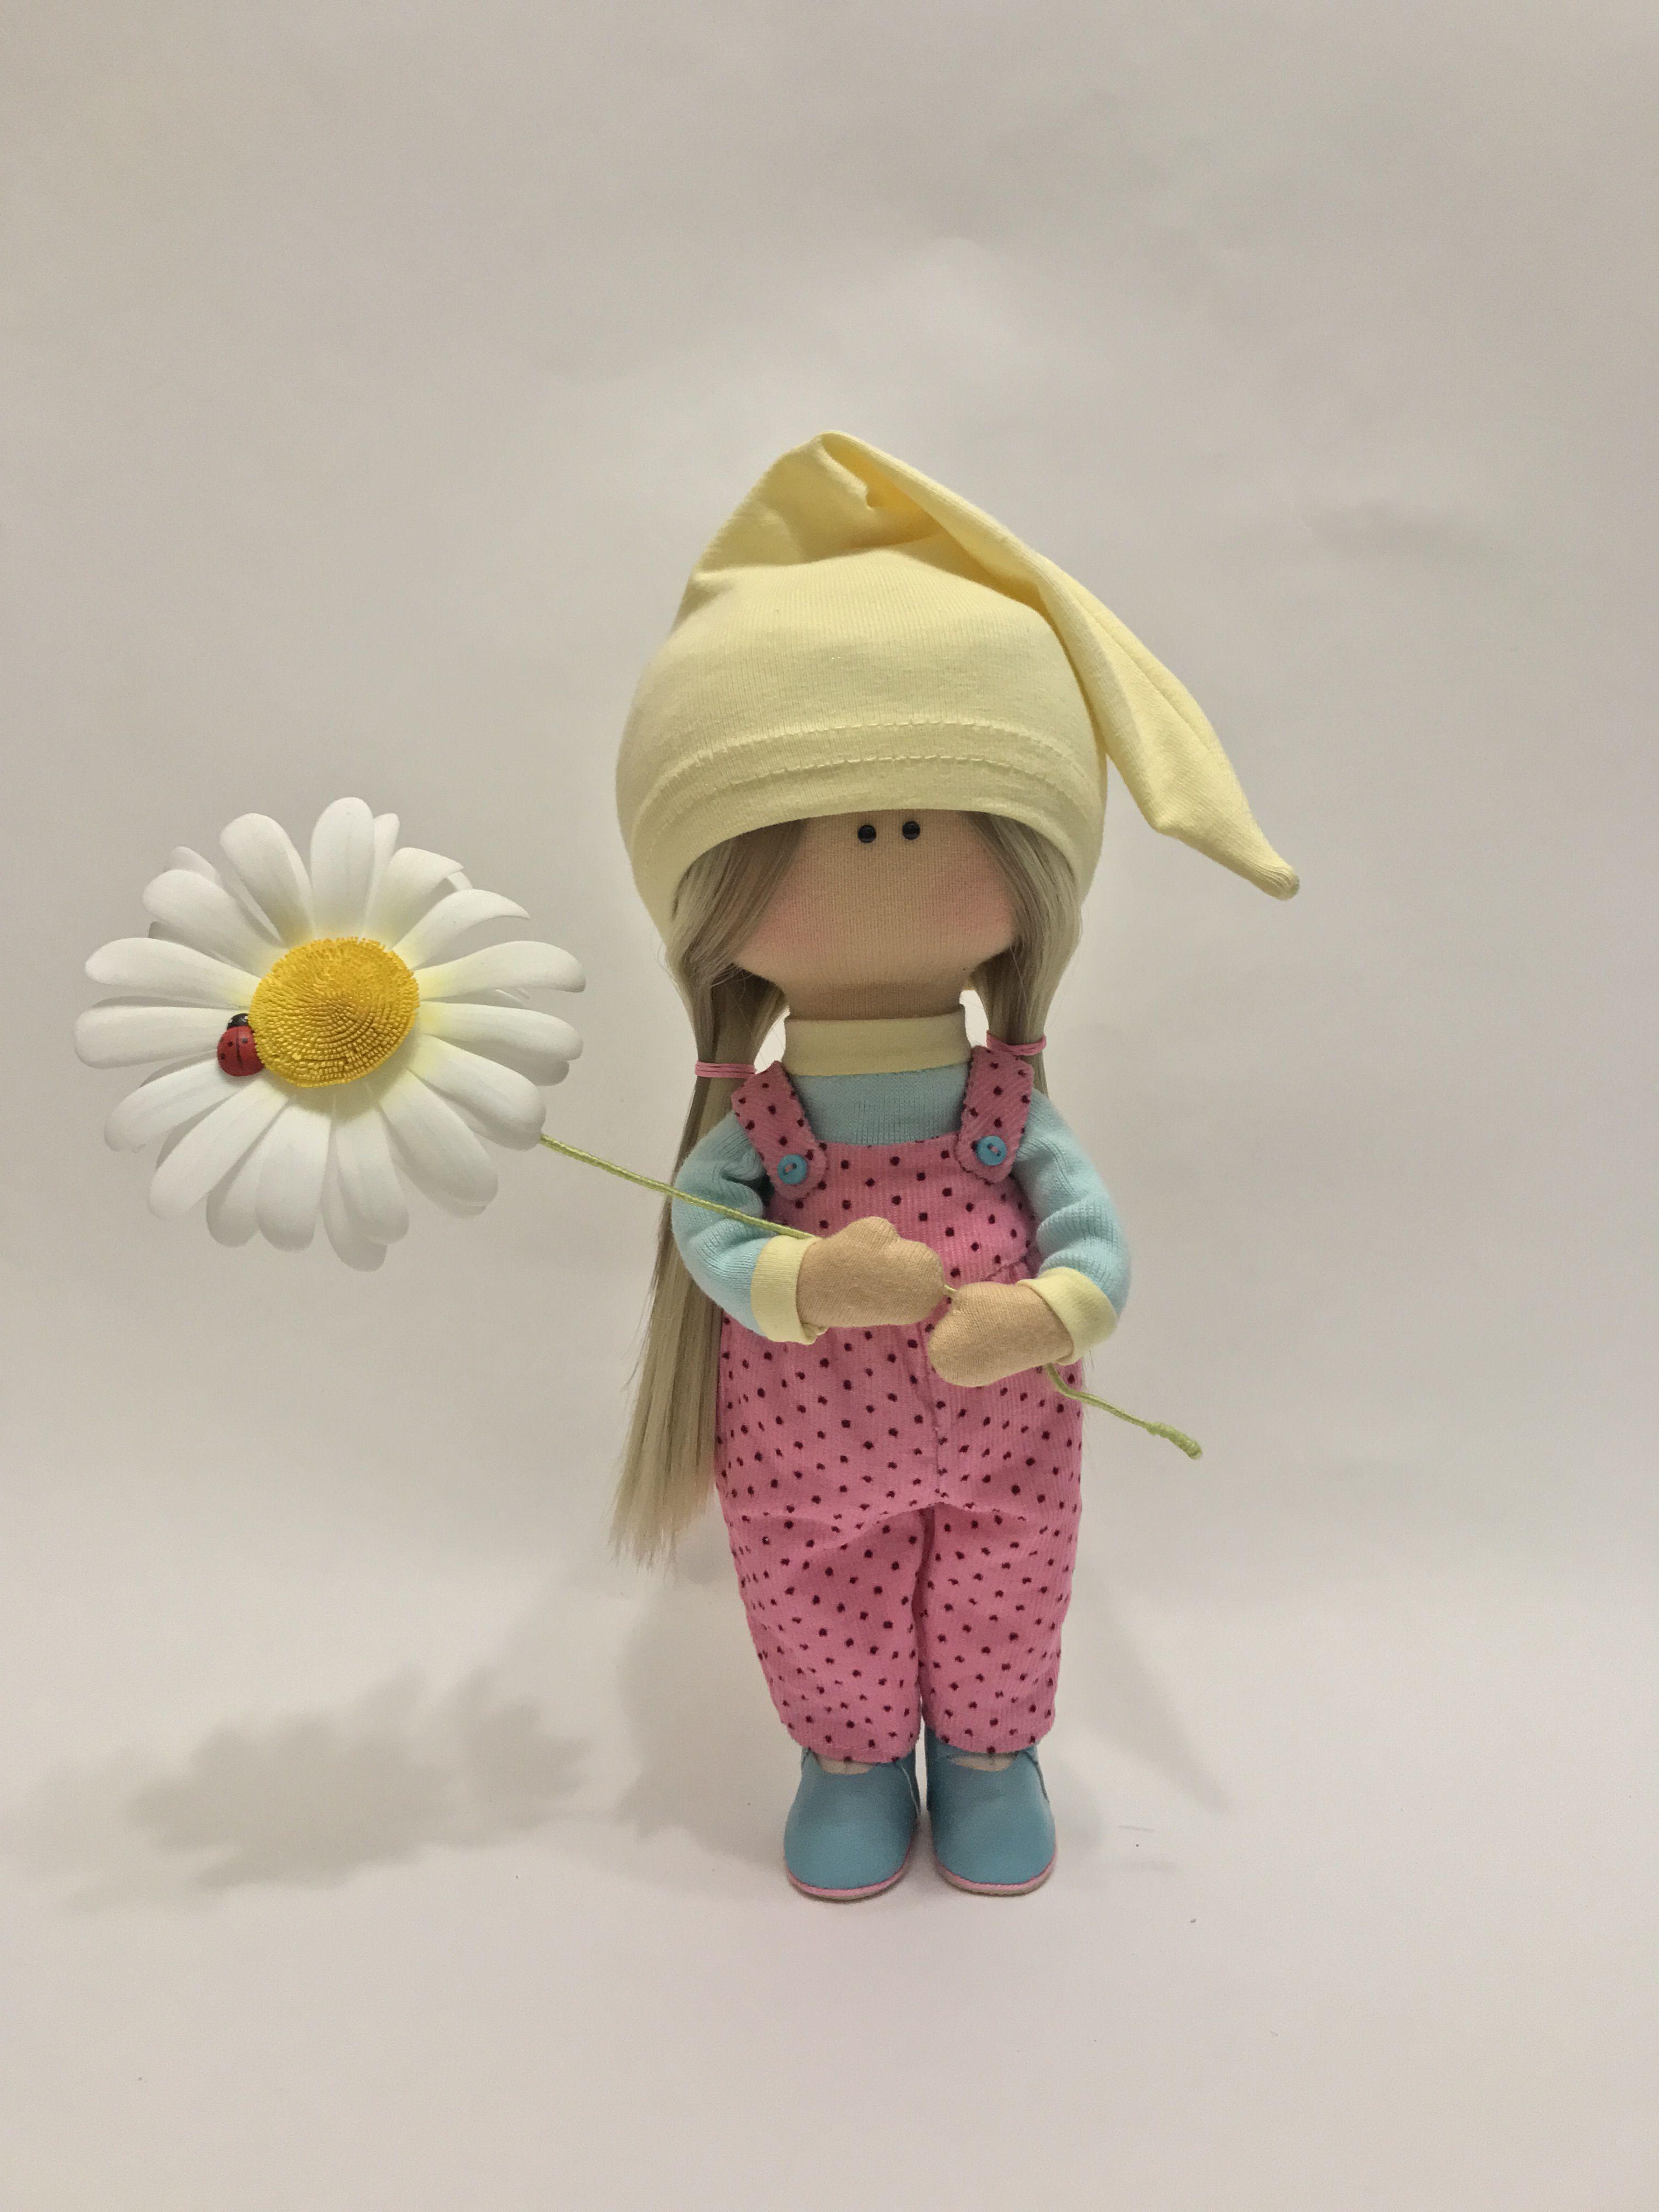 текстильная кукла подарок интерьерная